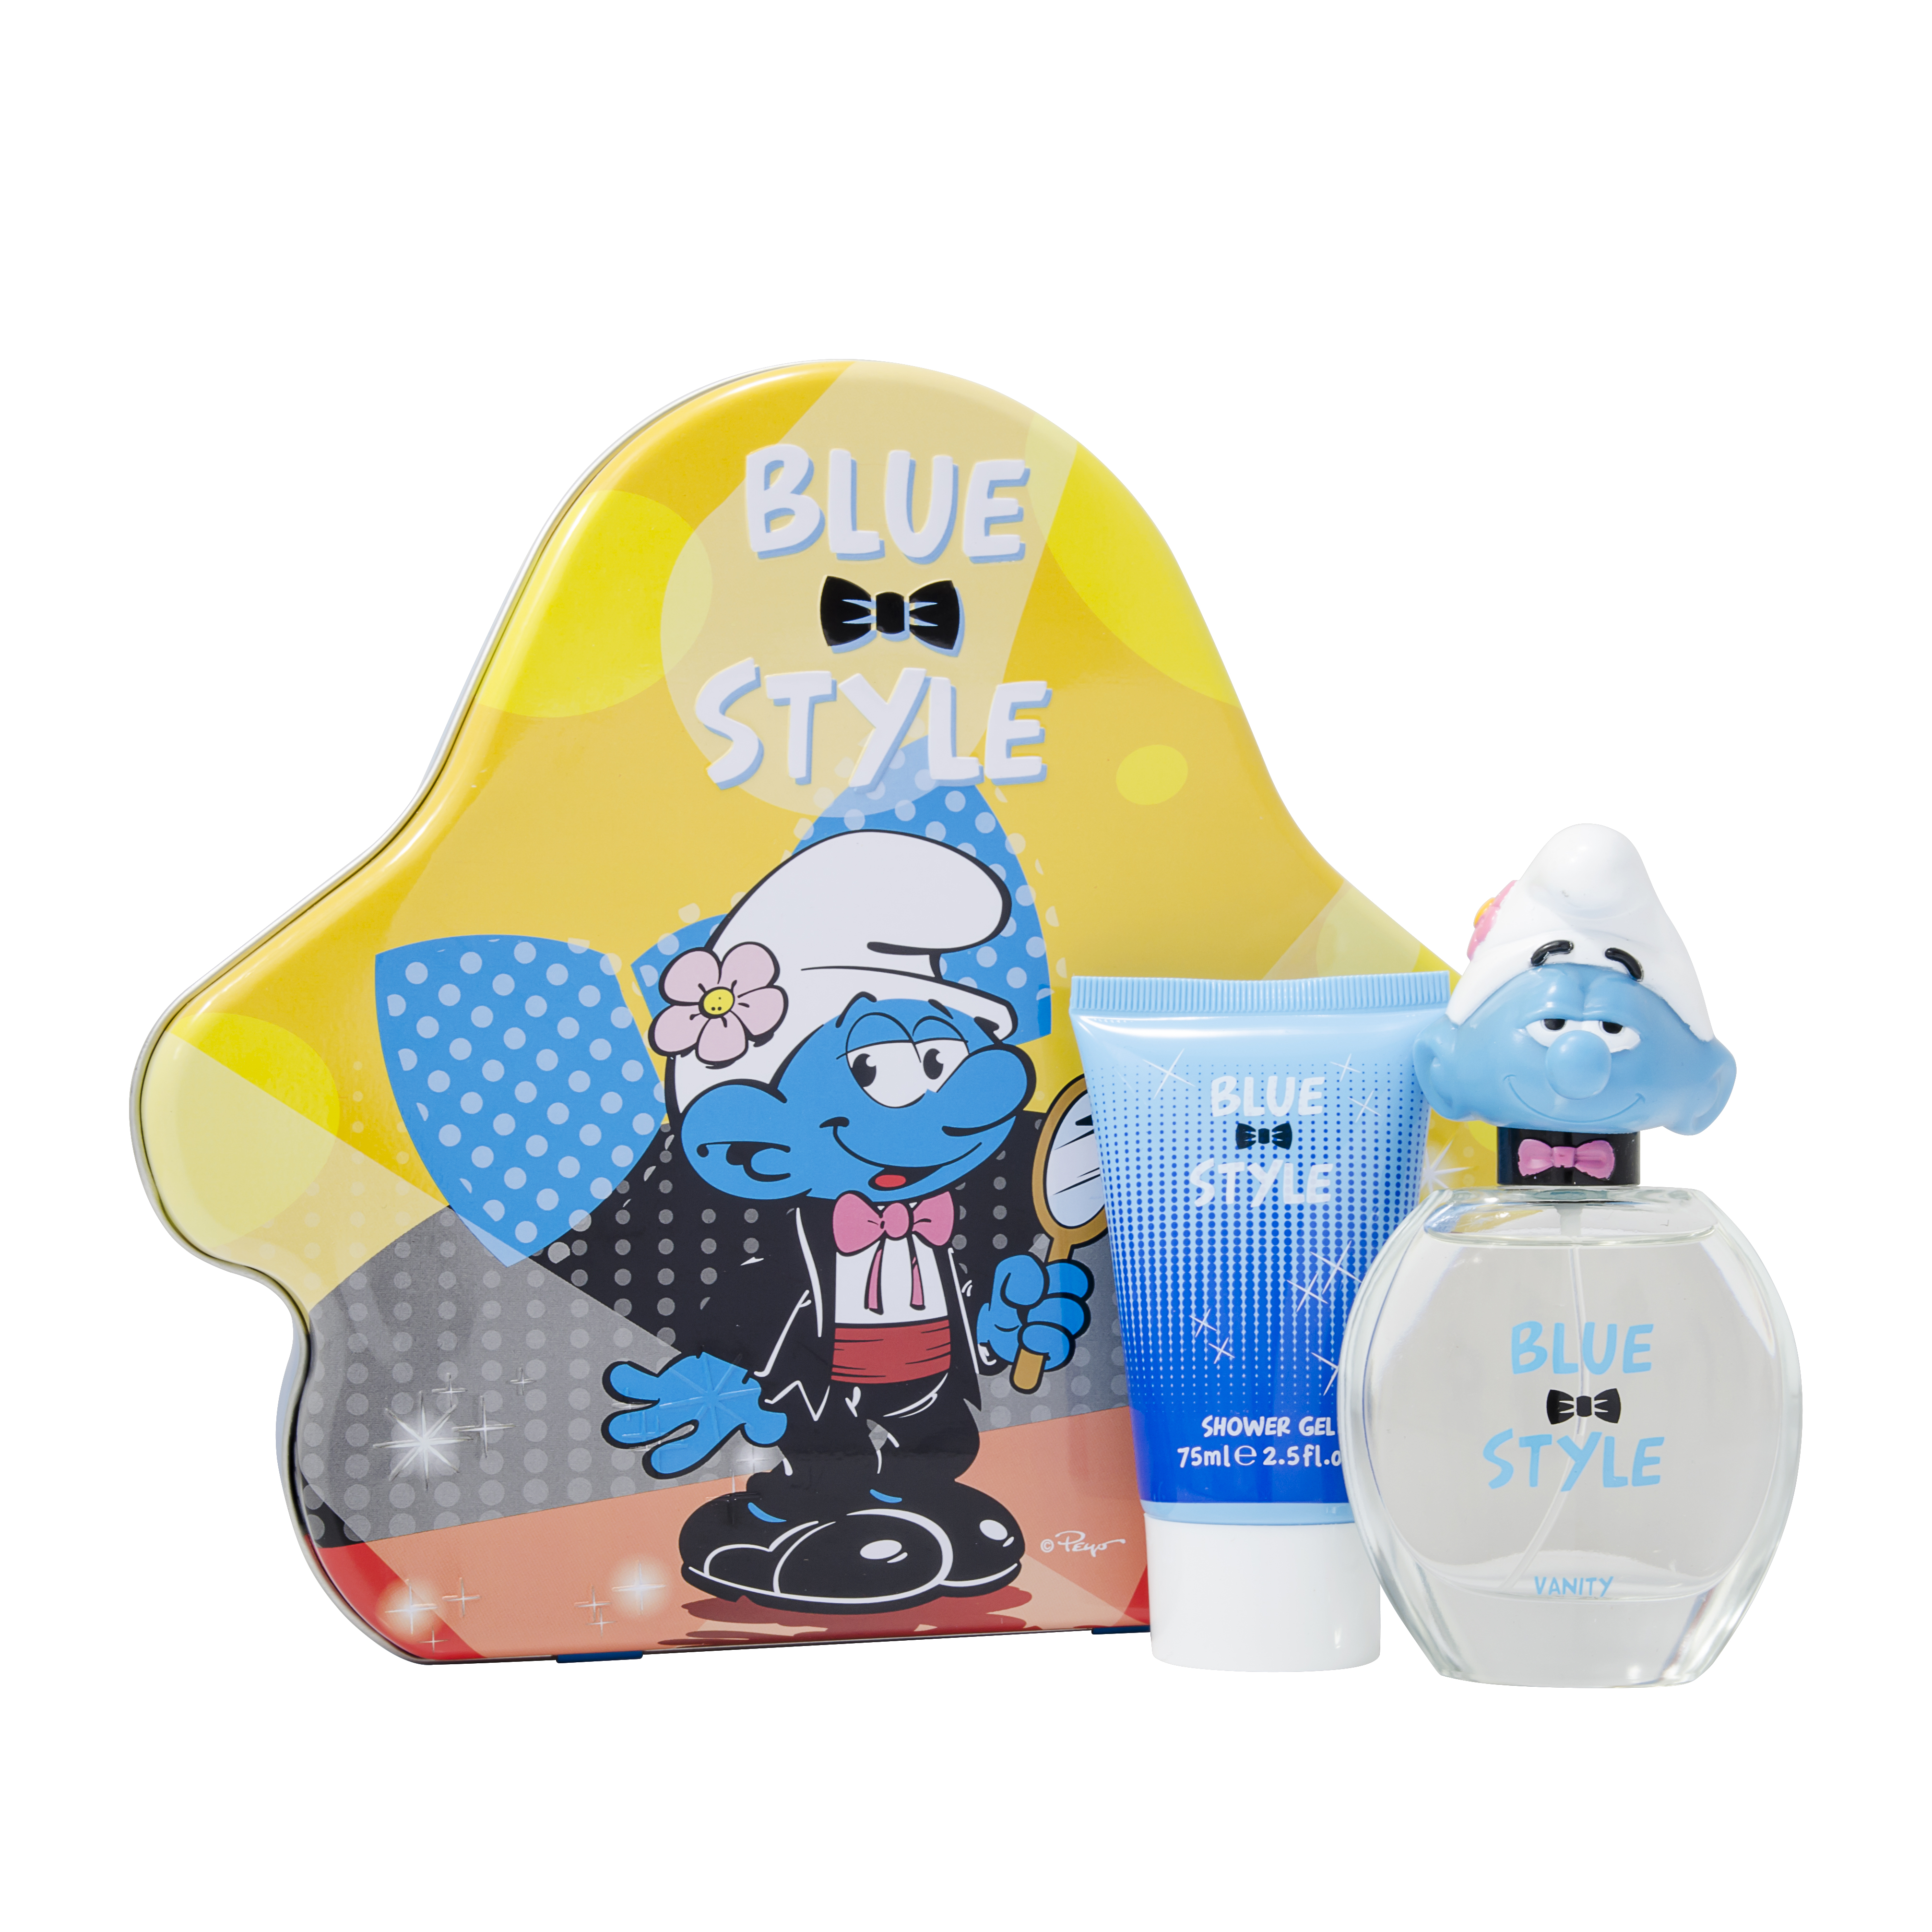 The Smurfs Blue Style Vanity Eau de Toilette 2 Pieces Gift Set